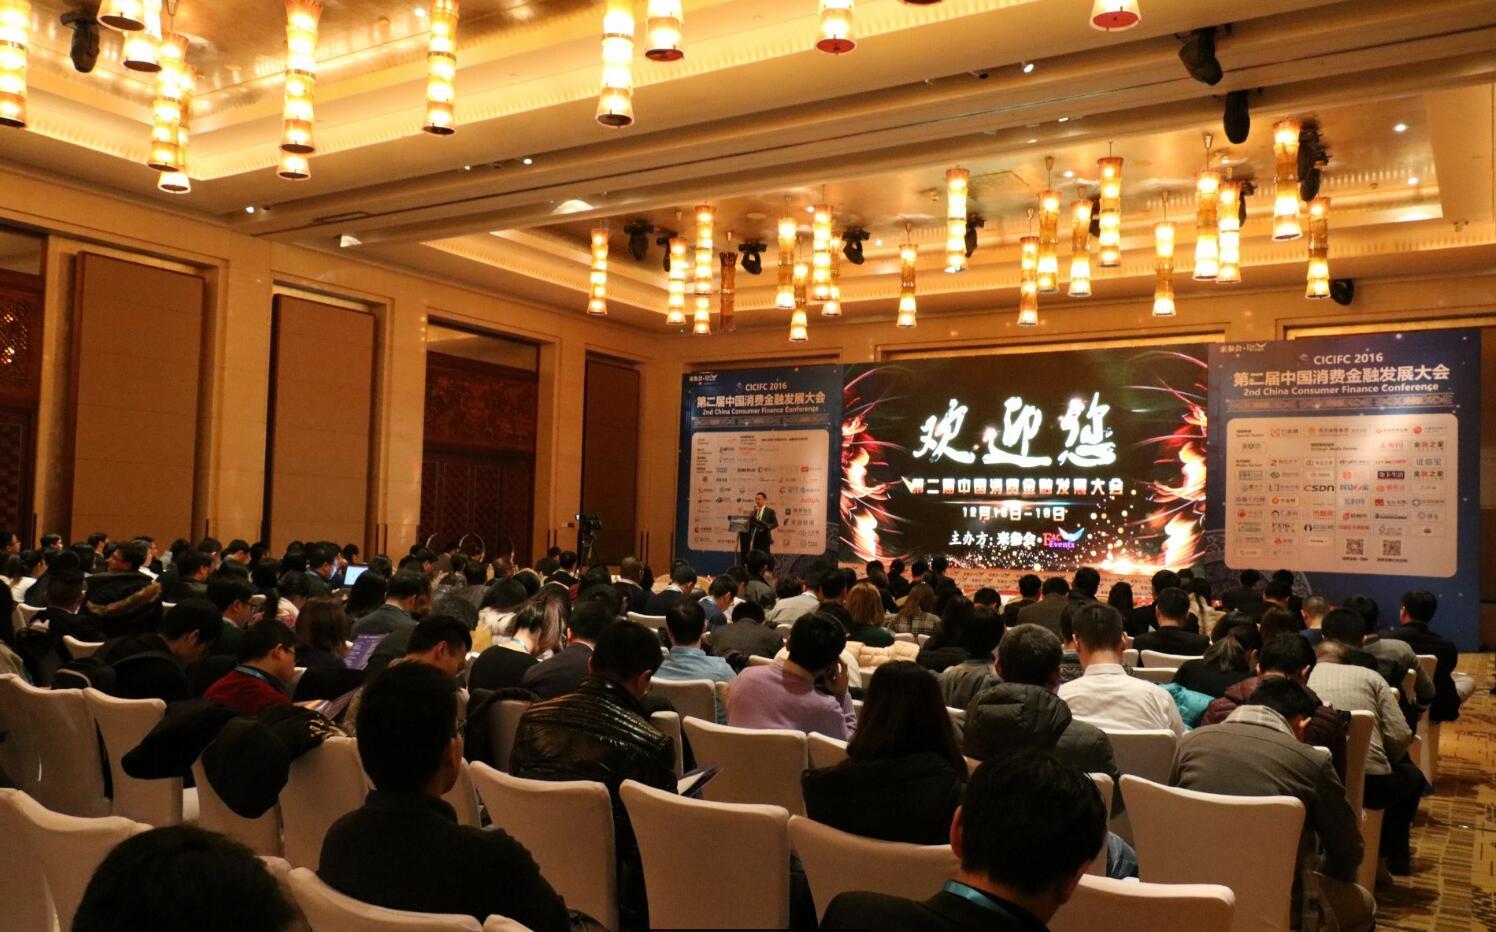 2016第二届中国消费金融发展大会现场图片